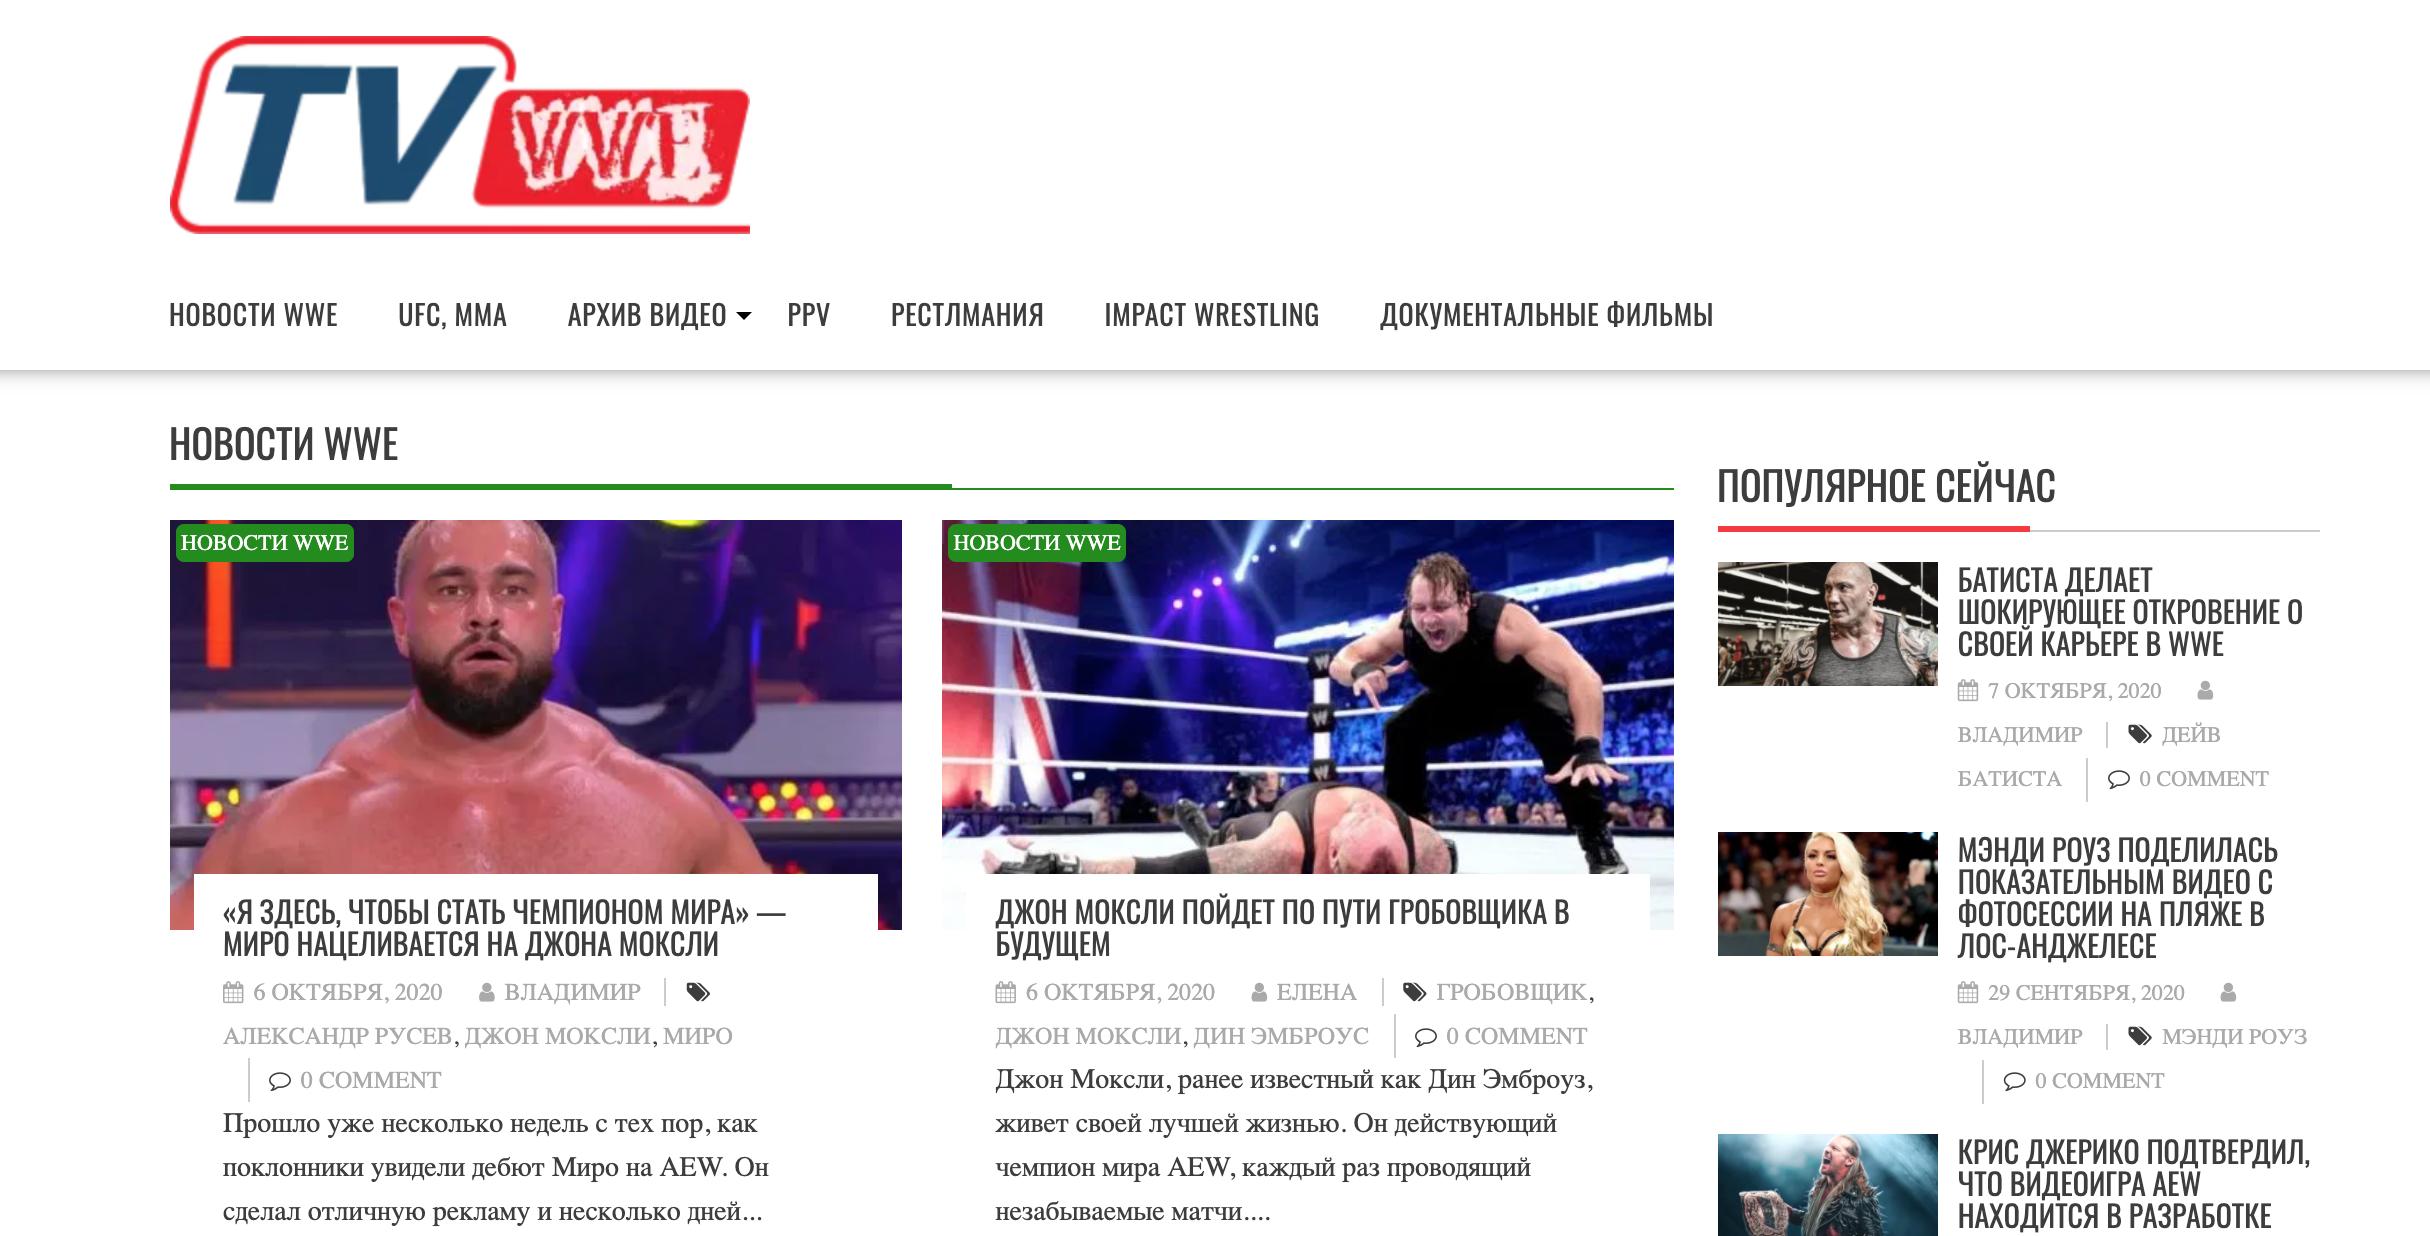 главная страница tv-wwe.ru